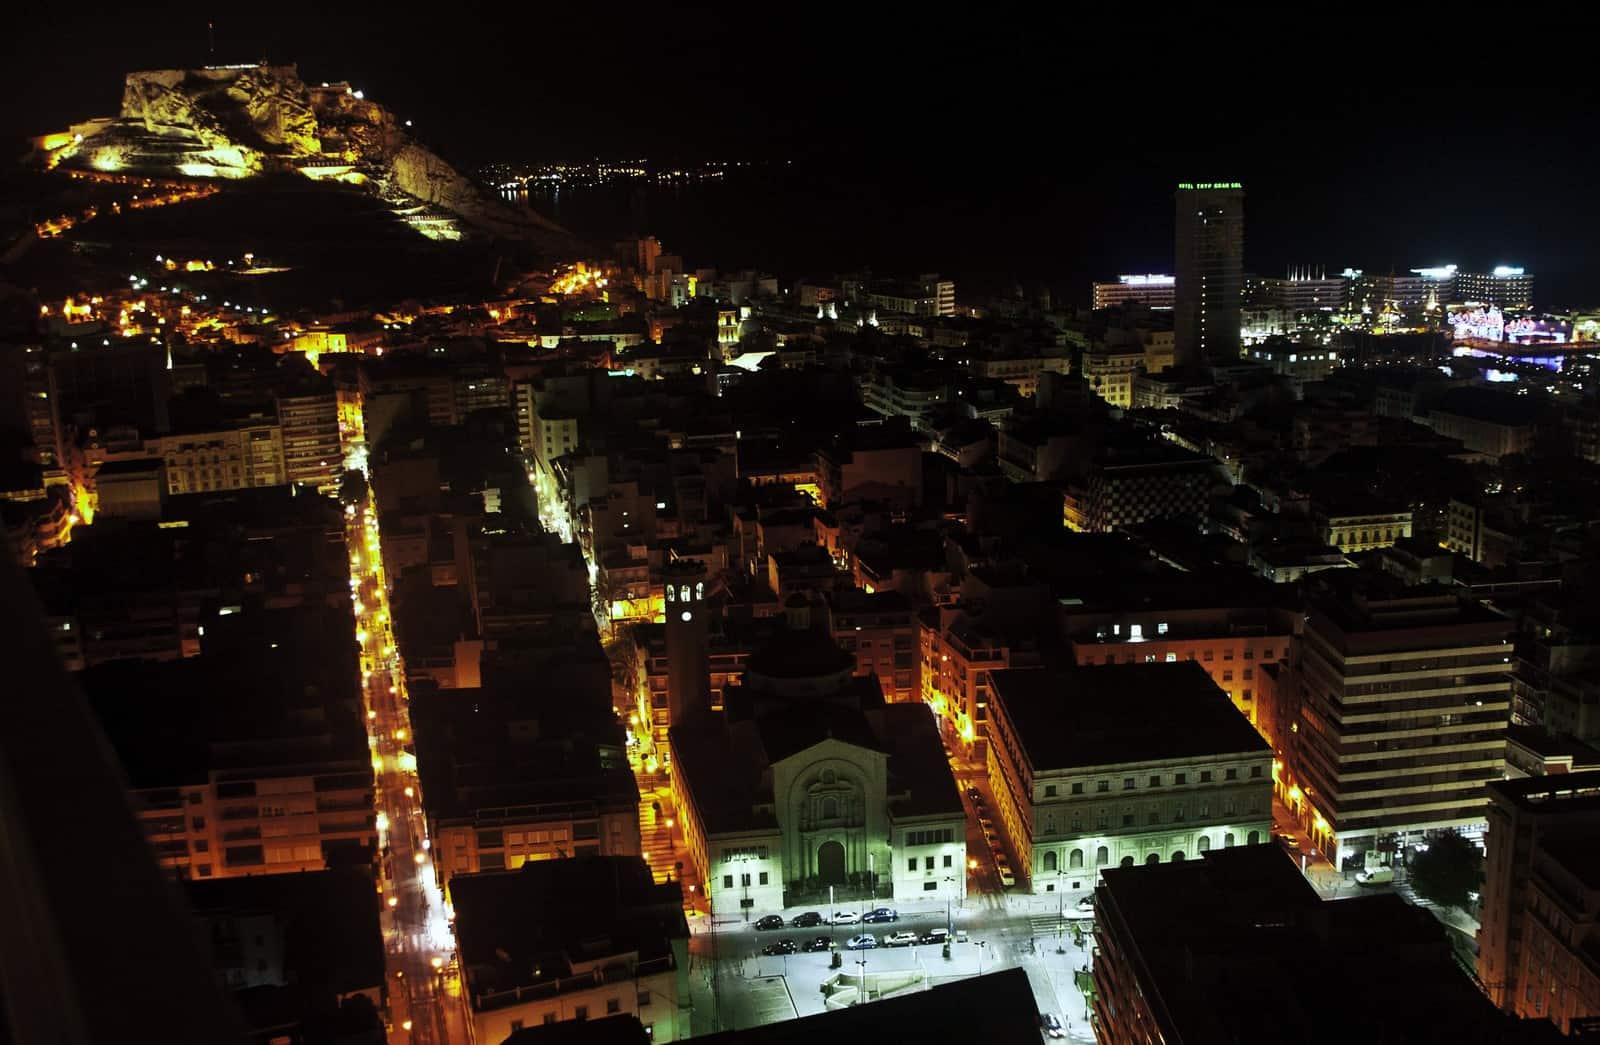 1424202585_Alicante noche_f